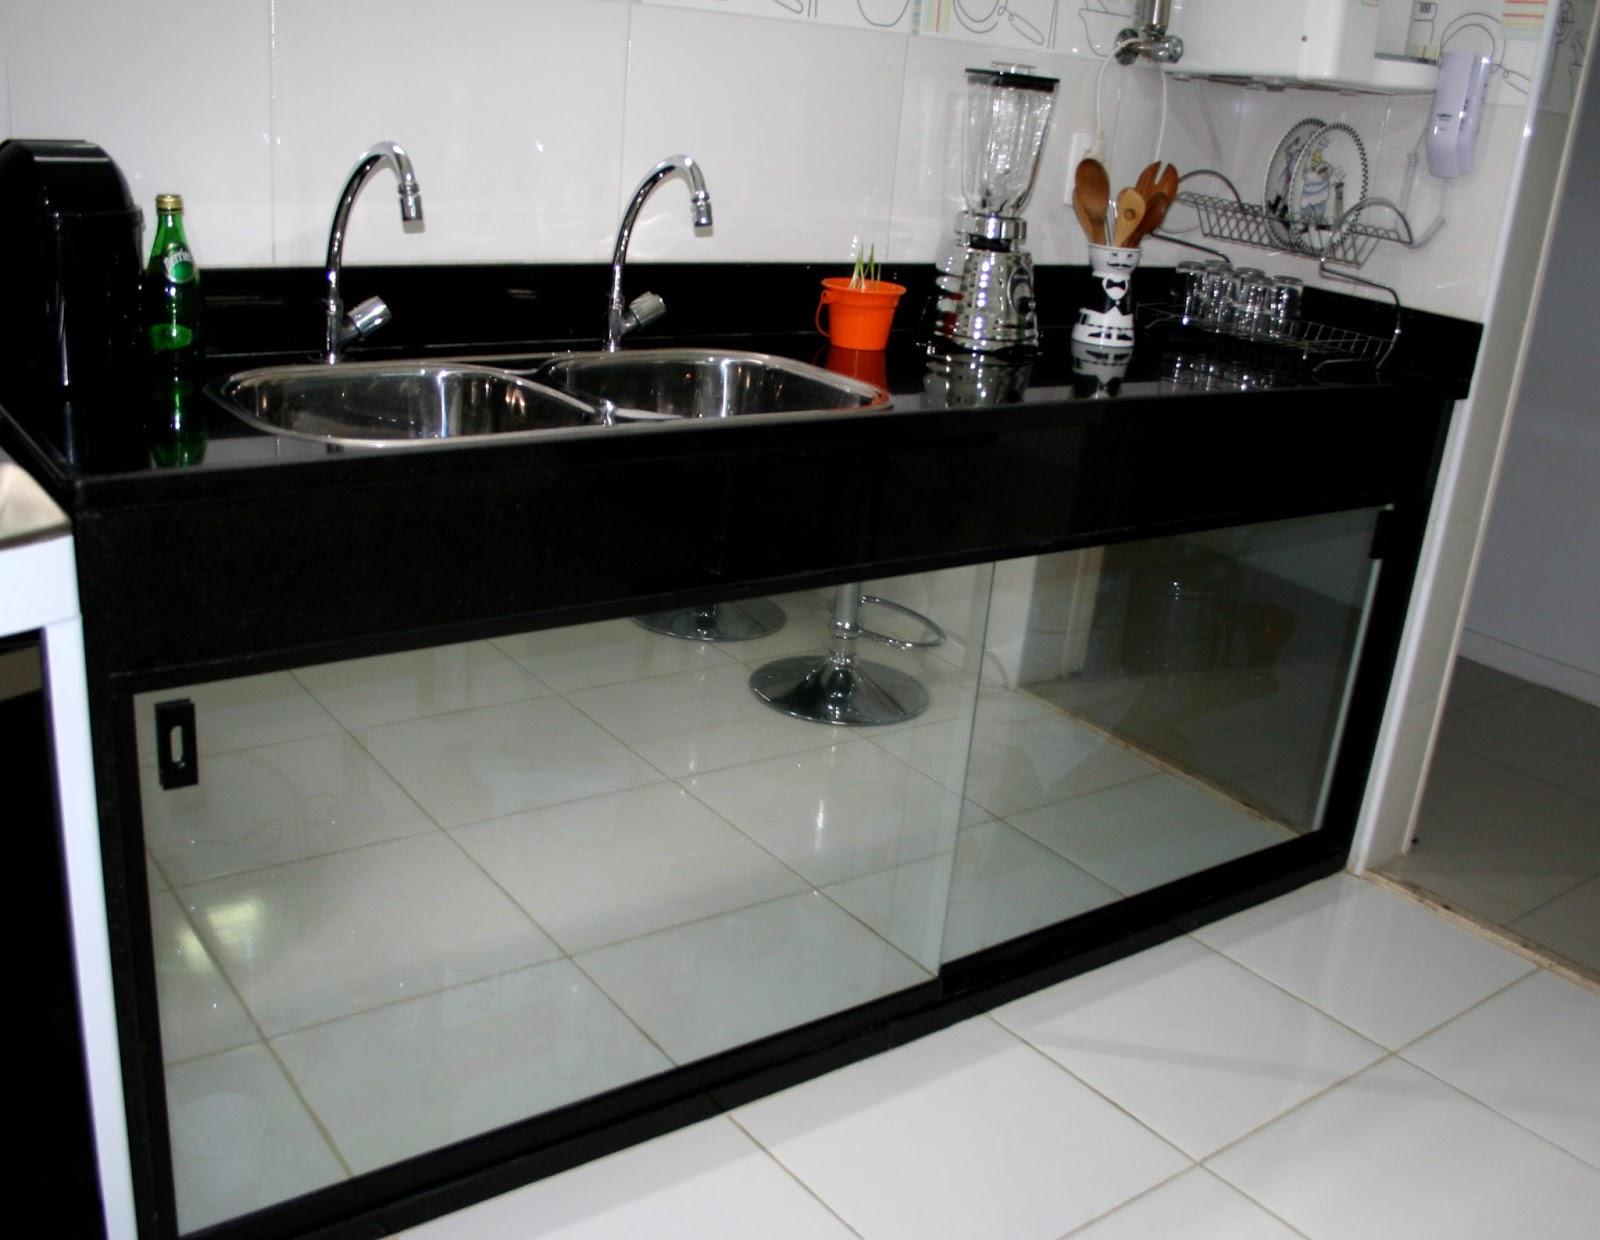 #C83303 pia é espelhada: portas de vidro com filme espelhado aplicado (sim  1600x1240 px Gabinete Para Pia De Cozinha Lojas Americanas_3501 Imagens